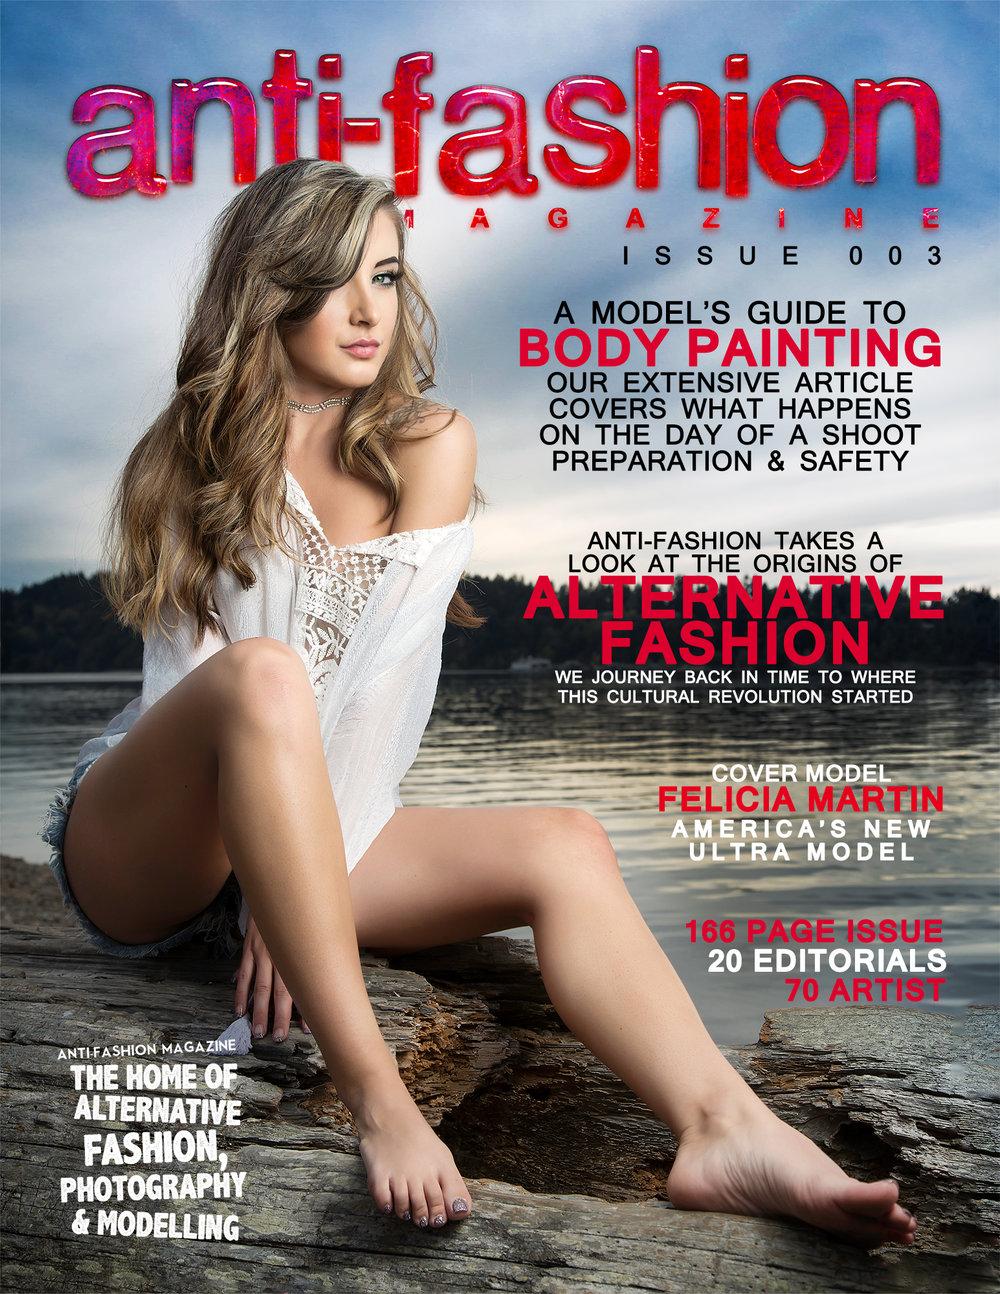 Anti-Fashion03_digital cover SM.jpg